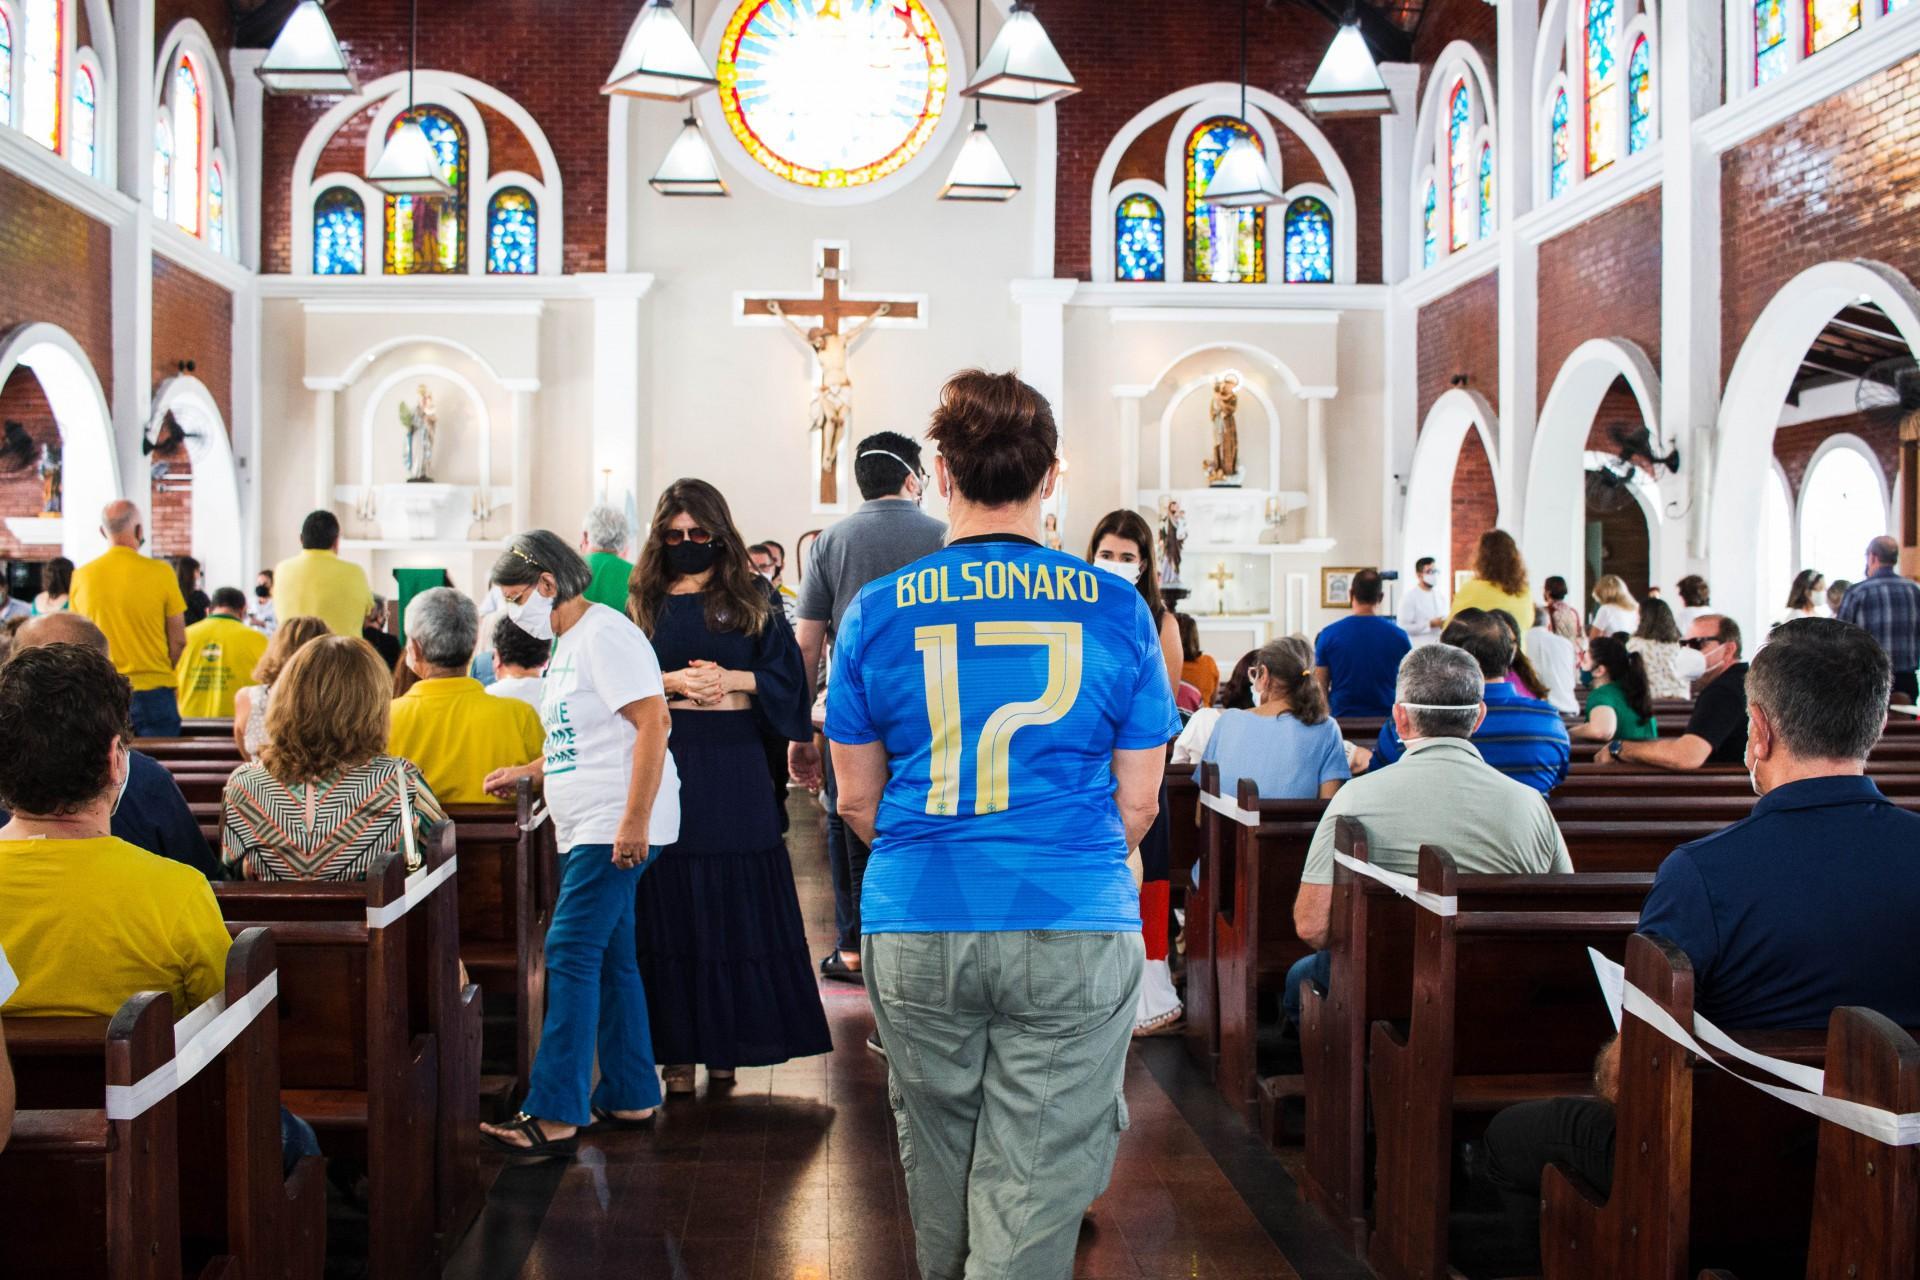 Bolsonaristas lotaram Paróquia da Paz e fizeram críticas ao padre Lino(Foto: Fernanda Barros)